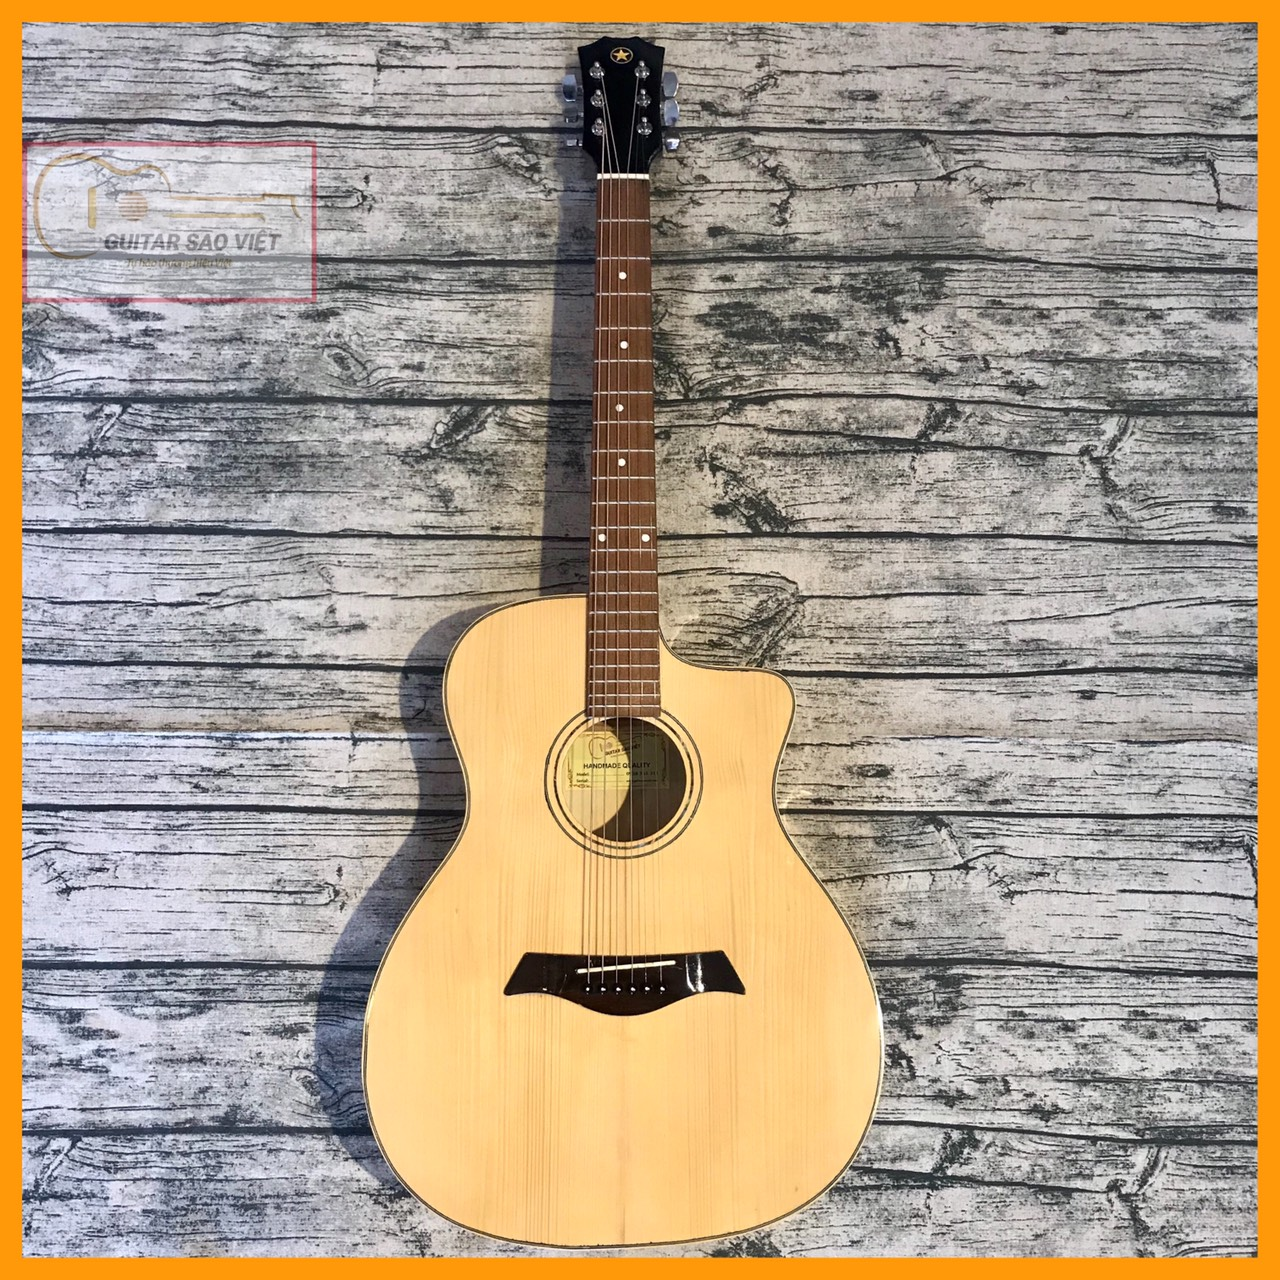 Guitar Acoustic giá rẻ ET-75SV mua ở đâu tại HCM